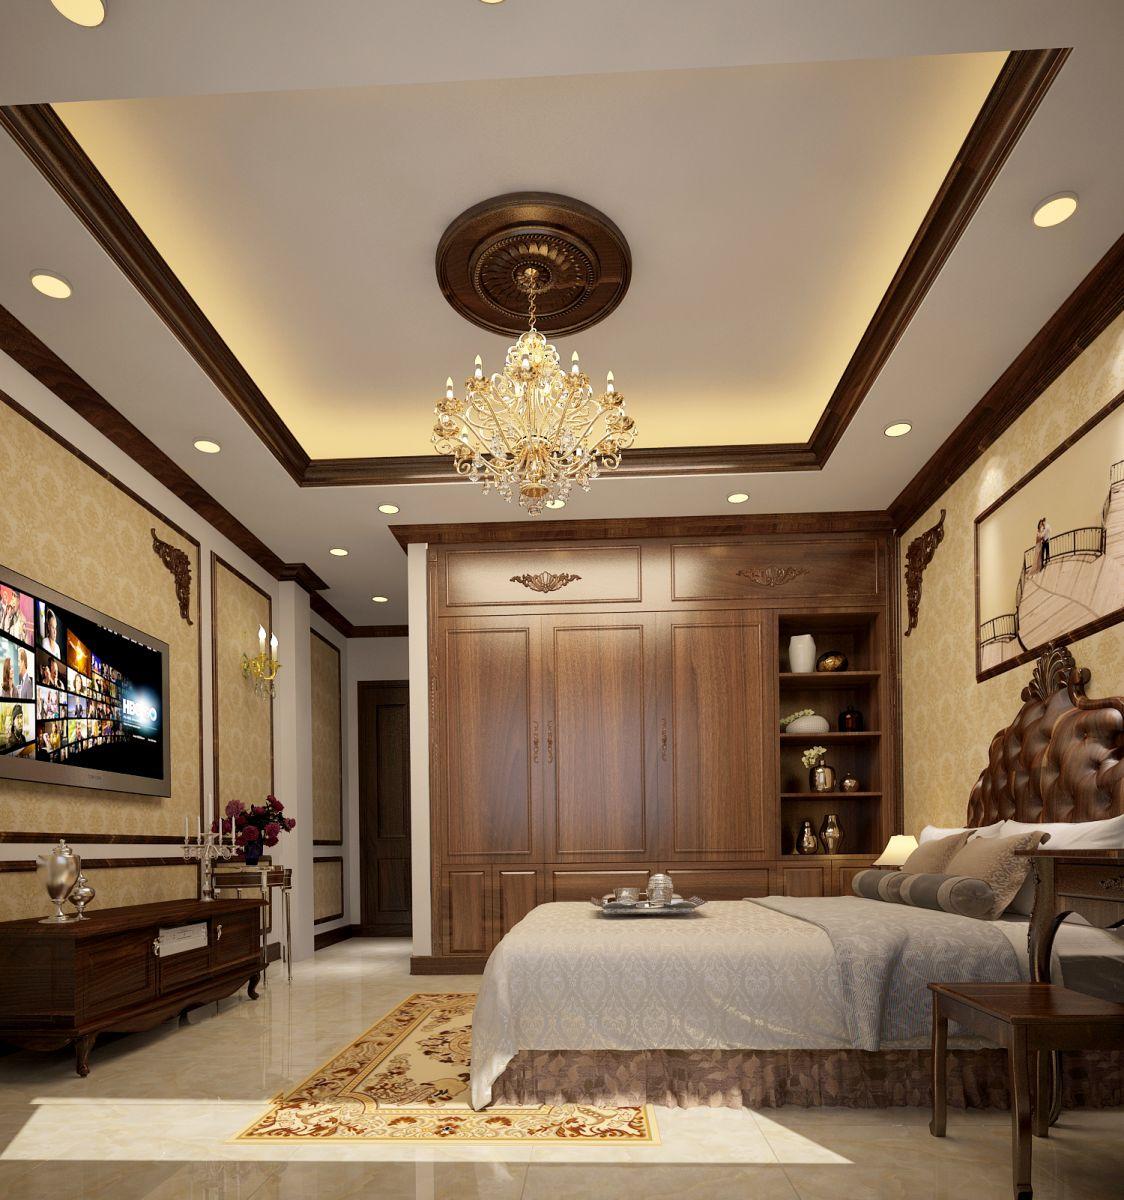 Những ý tưởng trang trí phòng ngủ cho ngôi nhà của bạn